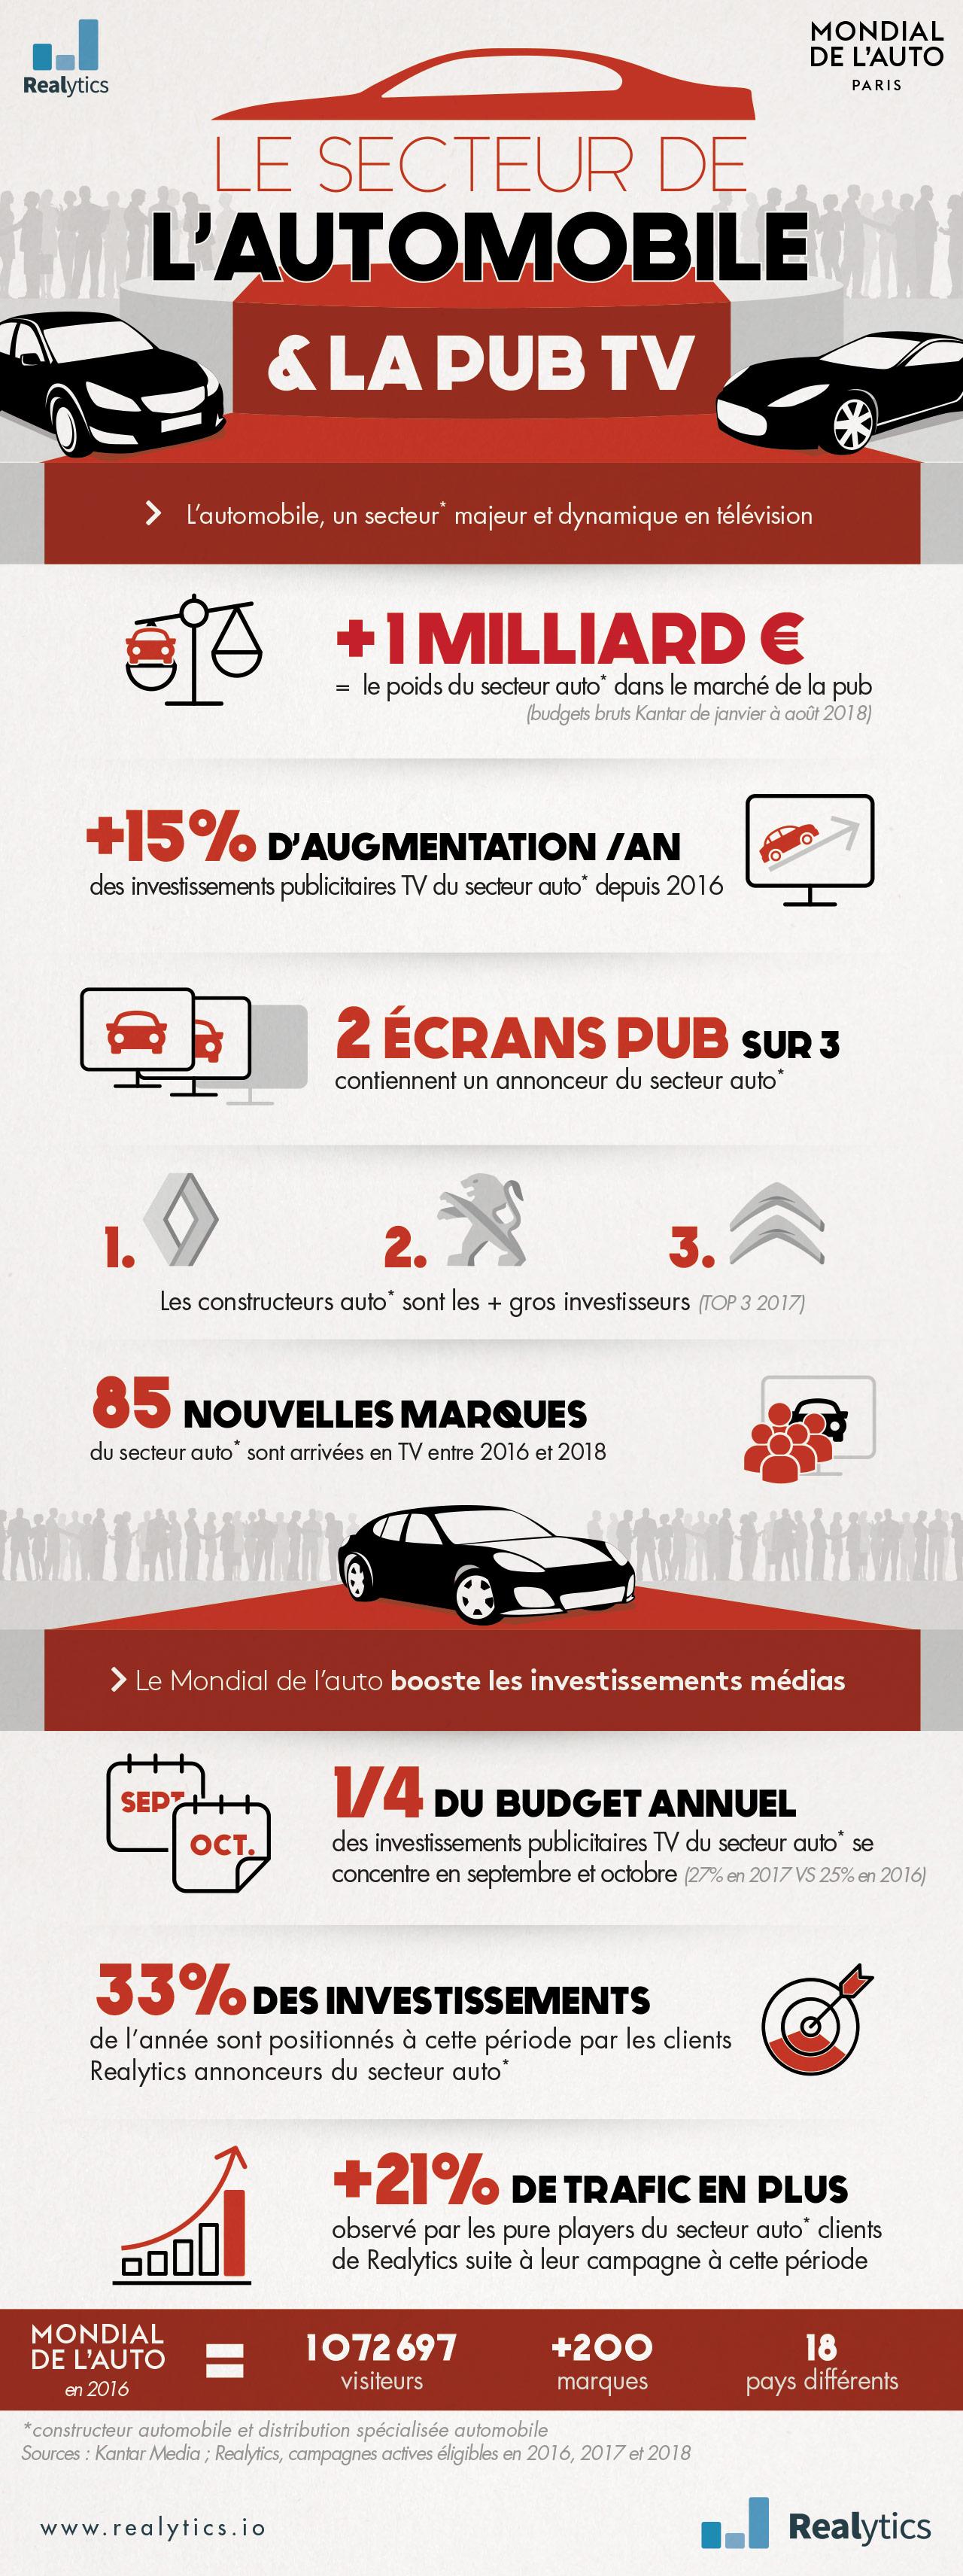 infographie-mondial-de-l'auto